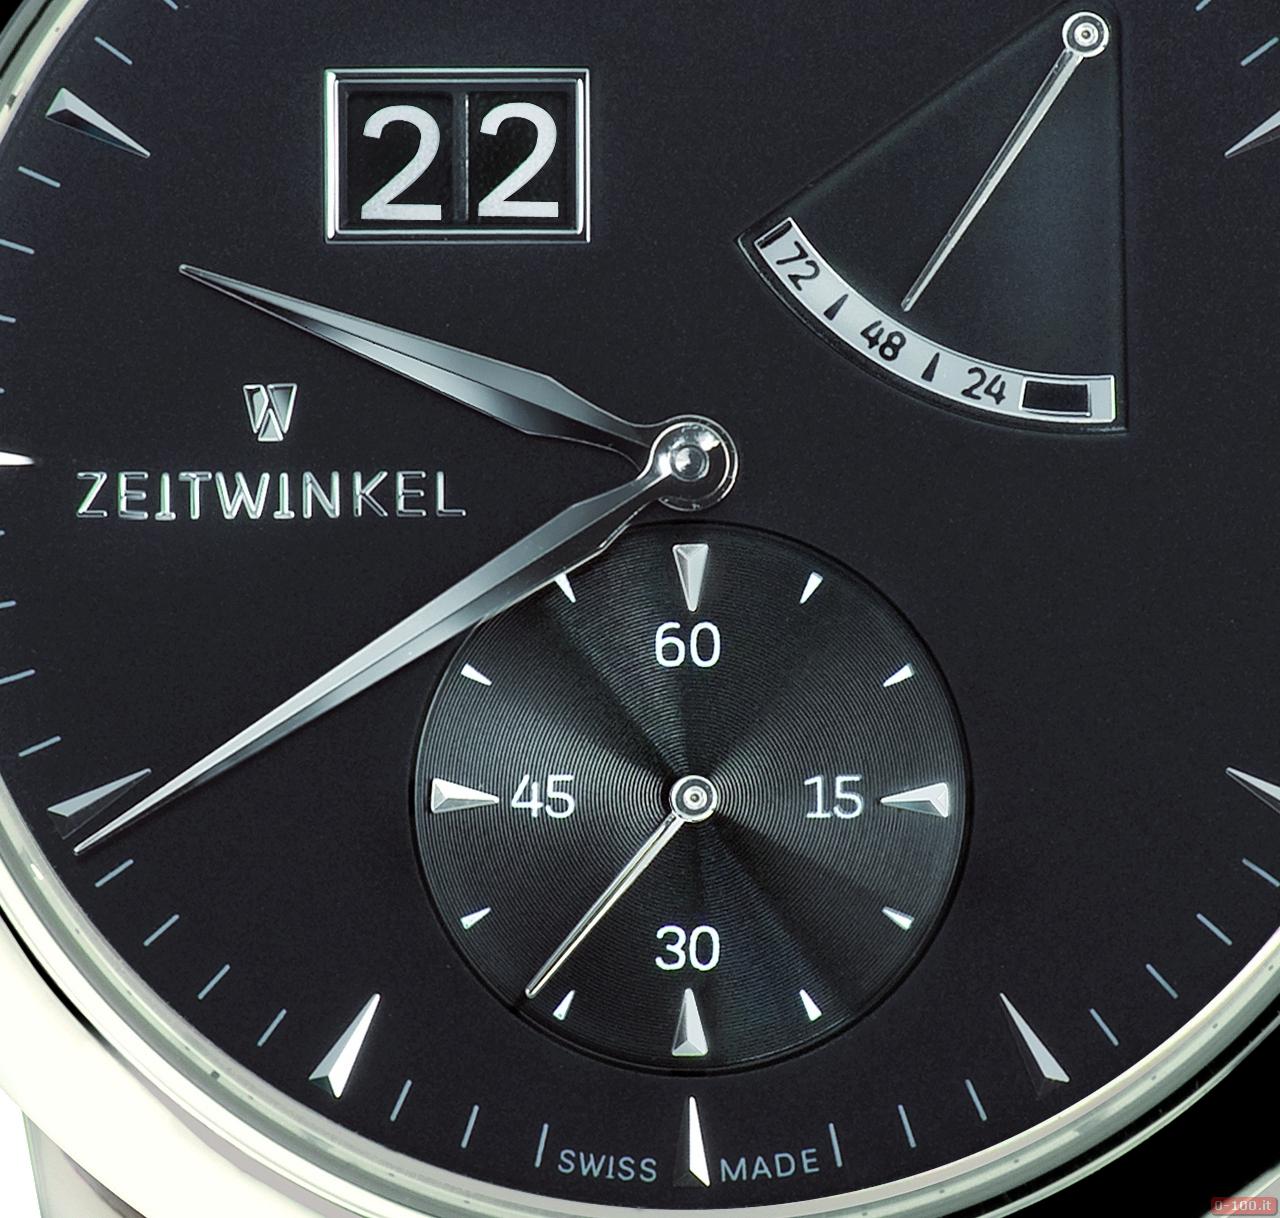 baselworld-2013-zeitwinkel-273_0-100 2